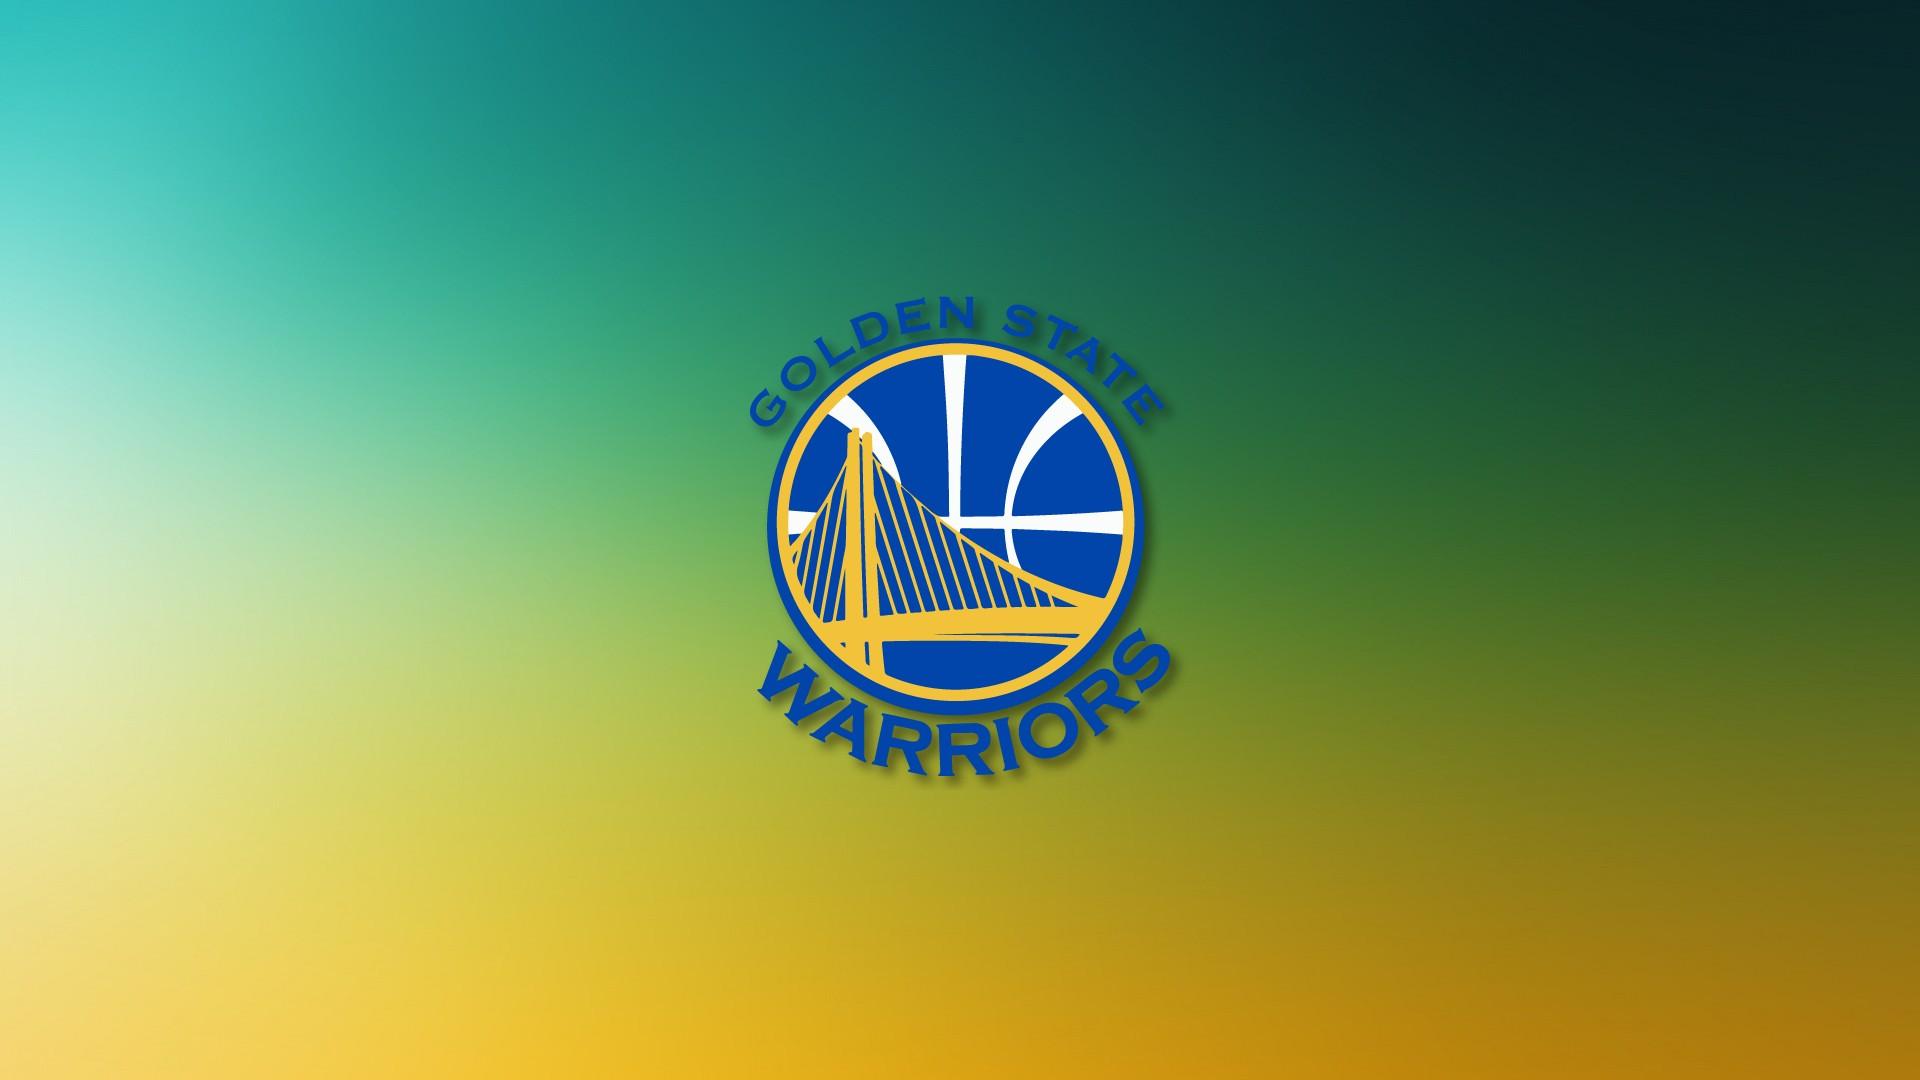 Golden State Warriors Wallpaper Iphone Hd Backgrounds Golden State Warriors Nba 2019 Basketball